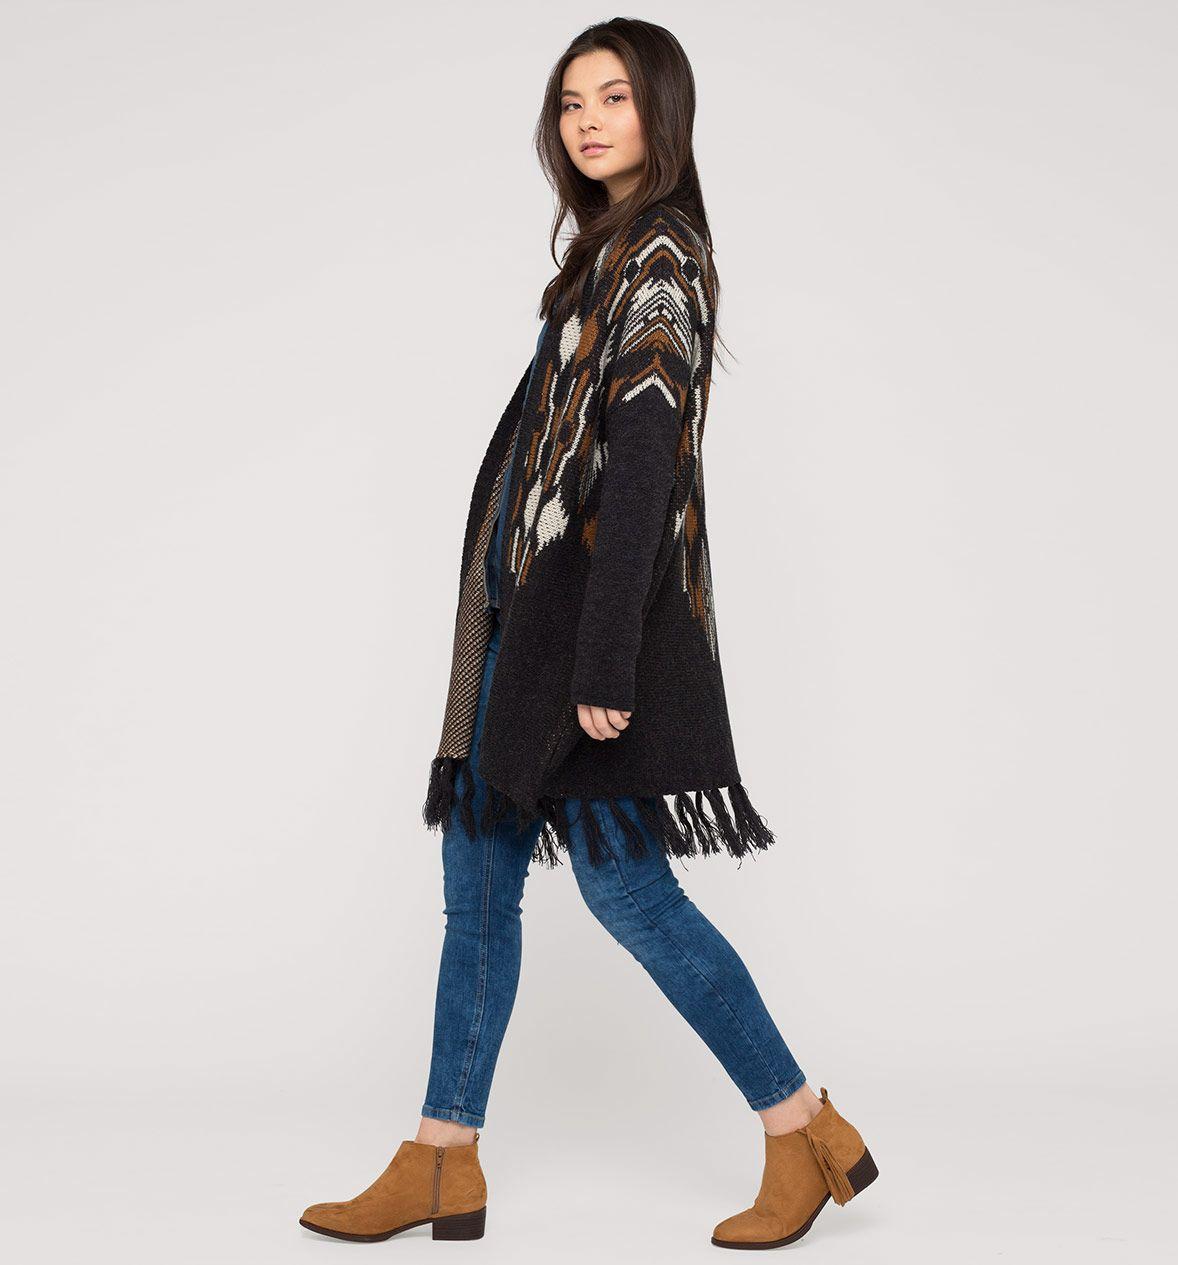 Damen Poncho mit Wolle in orange   schwarz - Mode günstig online kaufen -  C A    90 % Polyacryl 10 % Wolle 6505886160